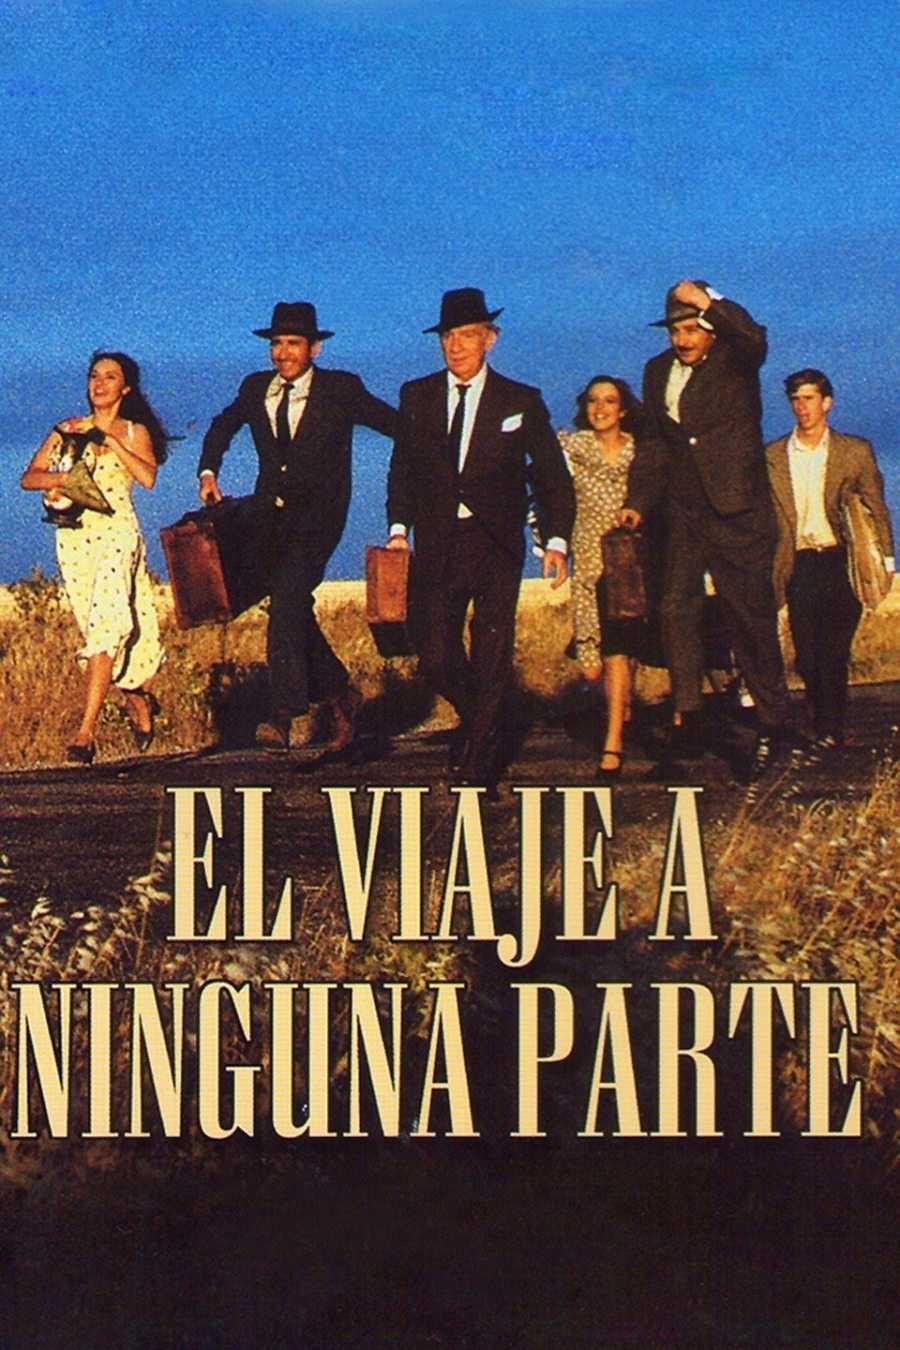 Cartel 'El viaje a ninguna parte' (Fernando Fernán Gómez, 1986)